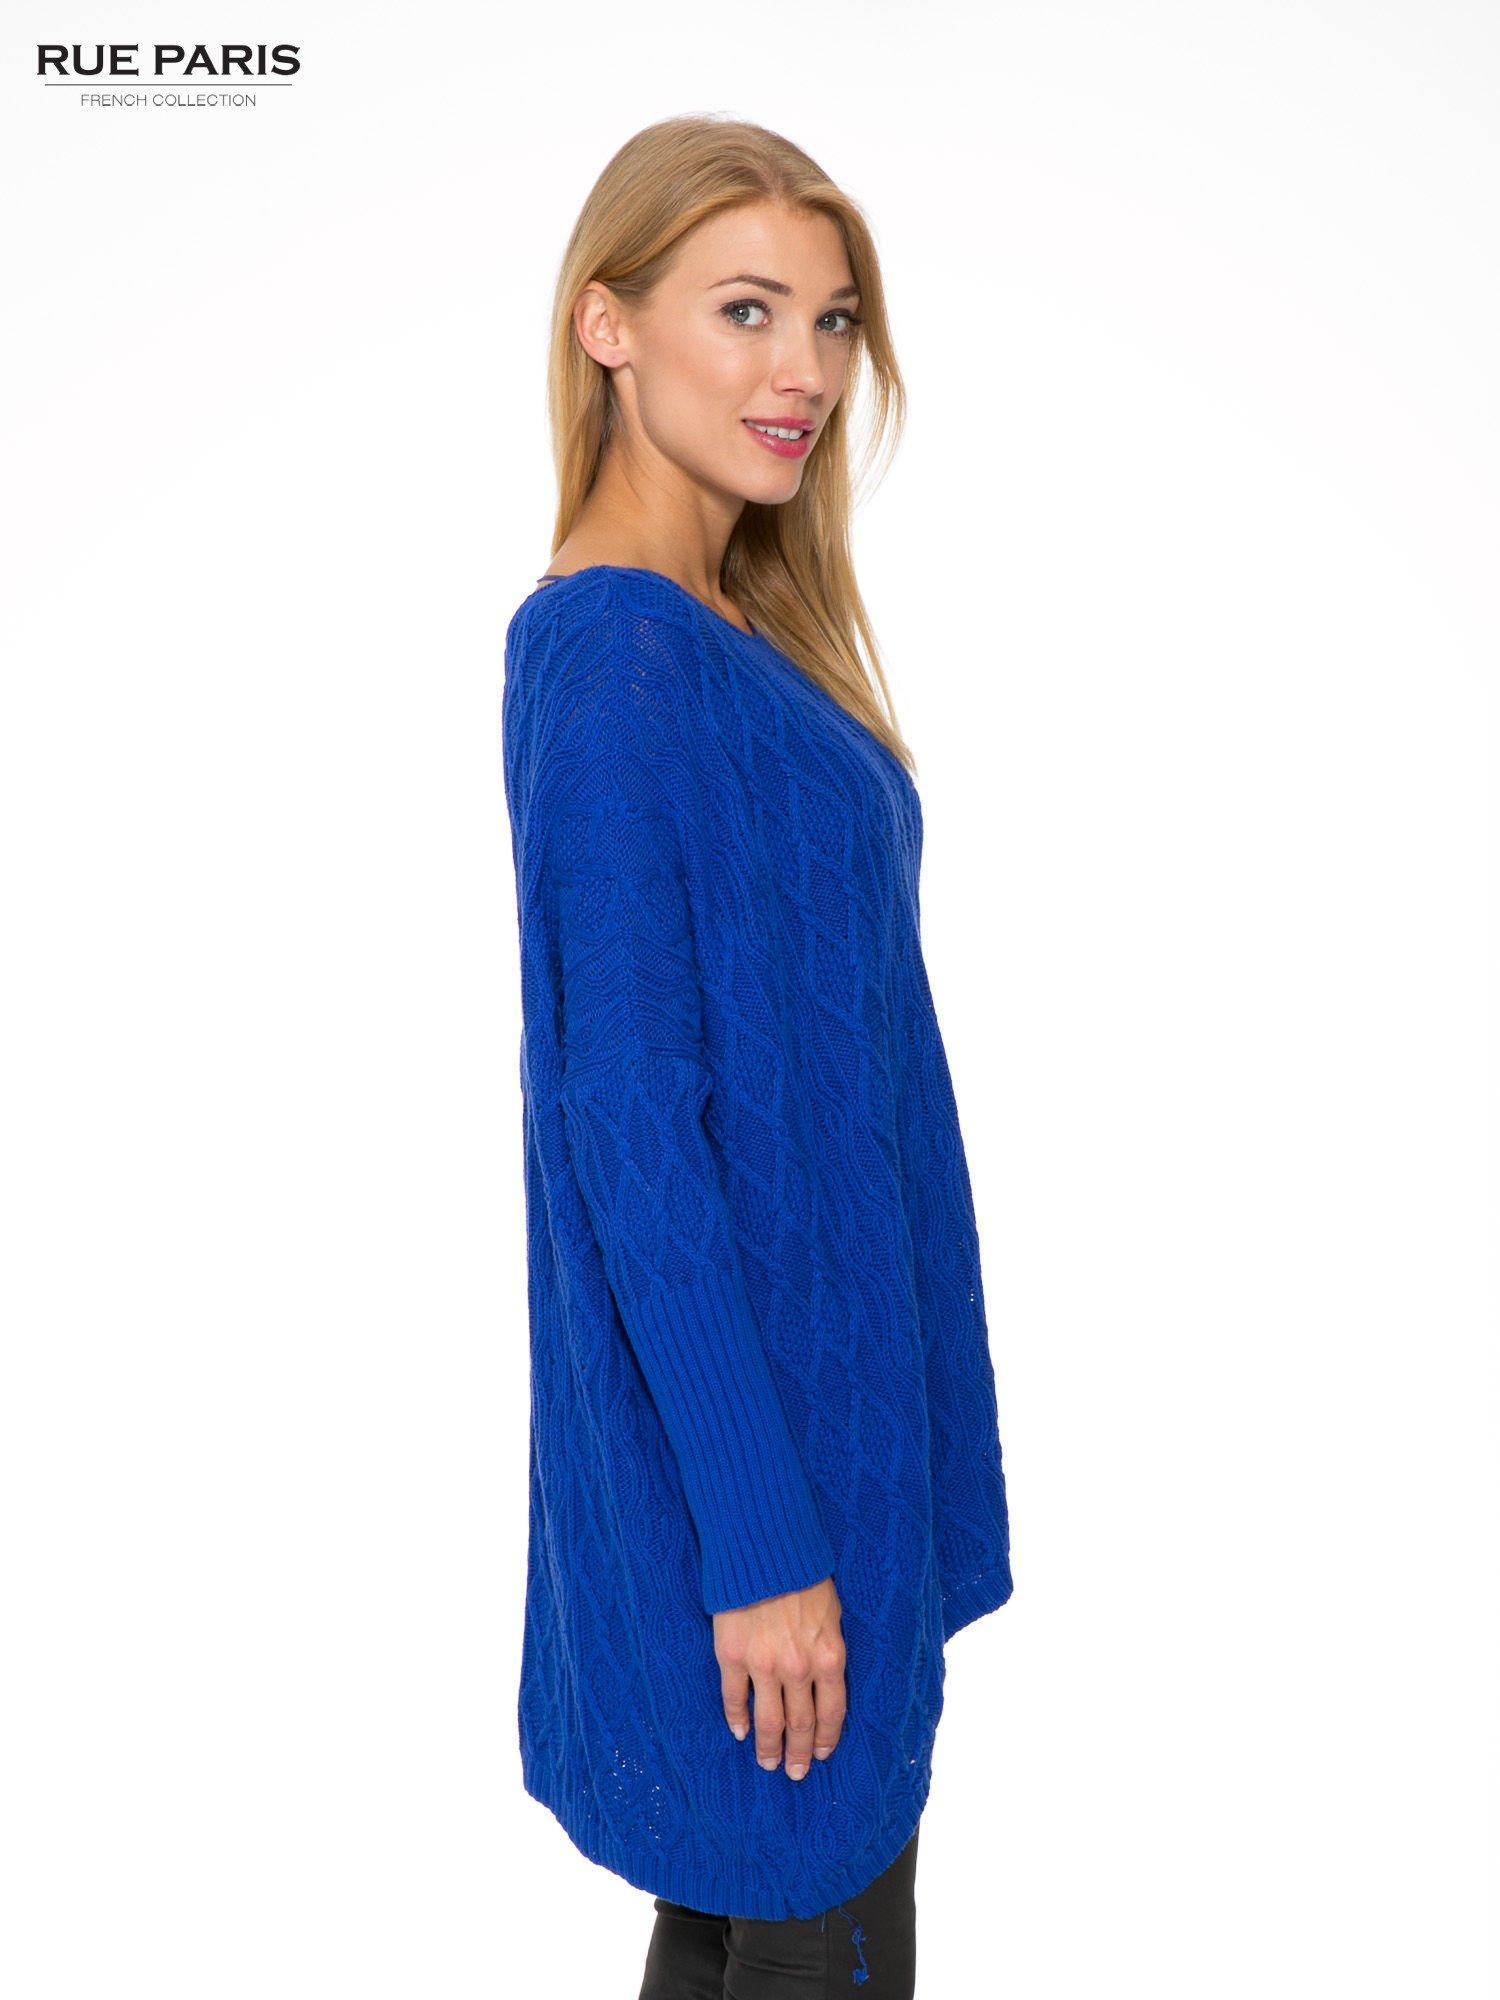 Niebieski dziergany długi sweter o kroju oversize                                  zdj.                                  3